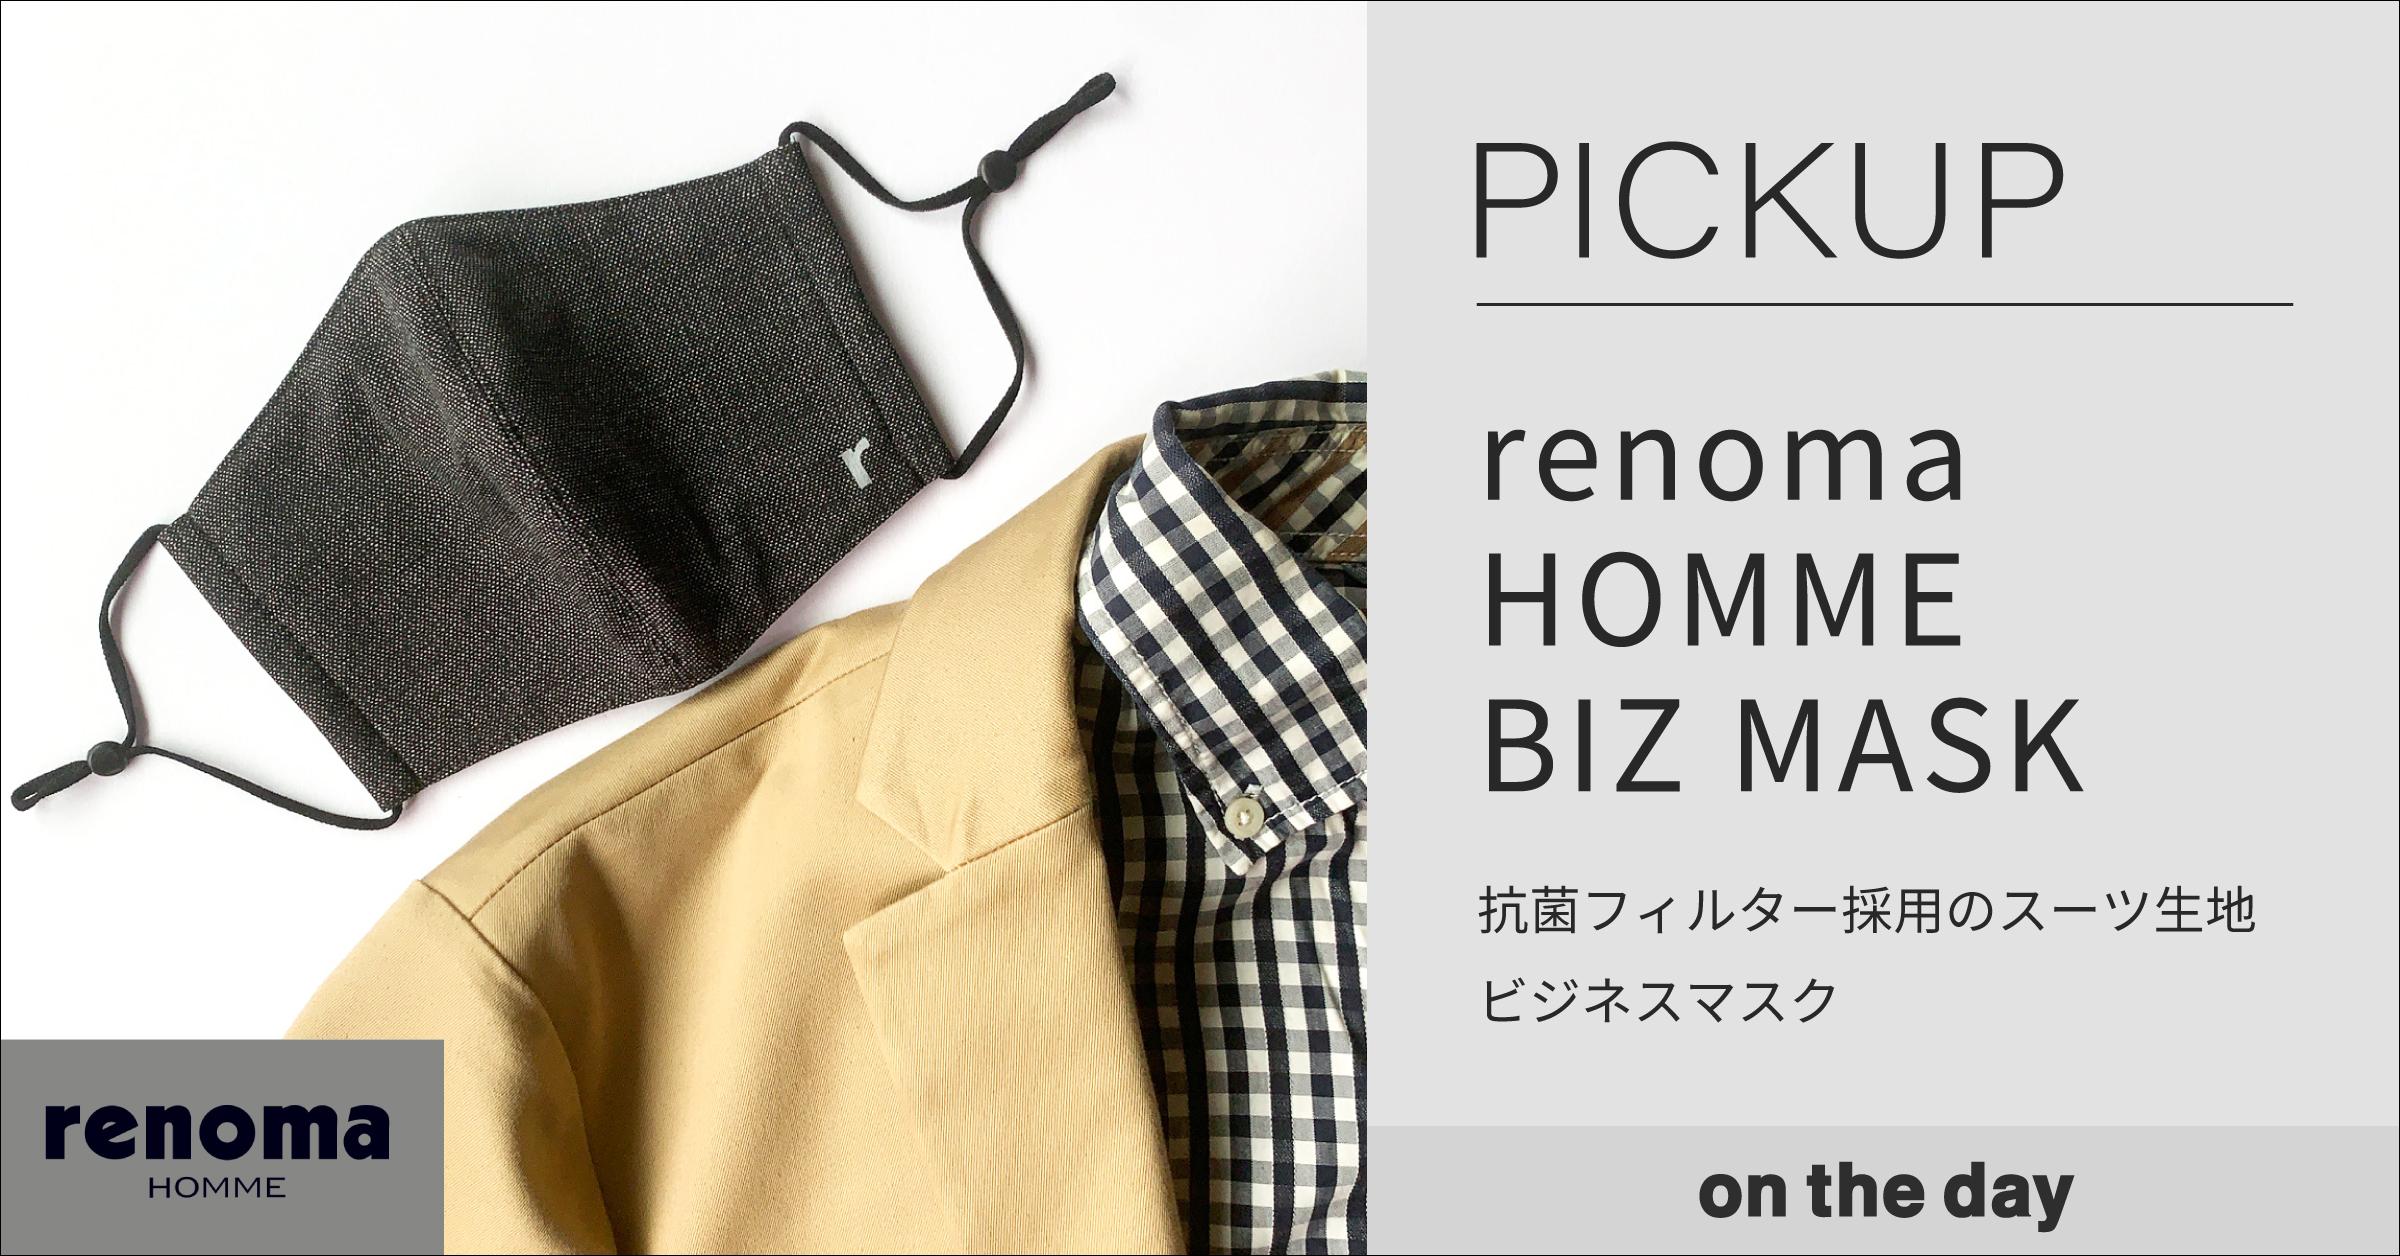 【renoma HOMME】BIZ MASK